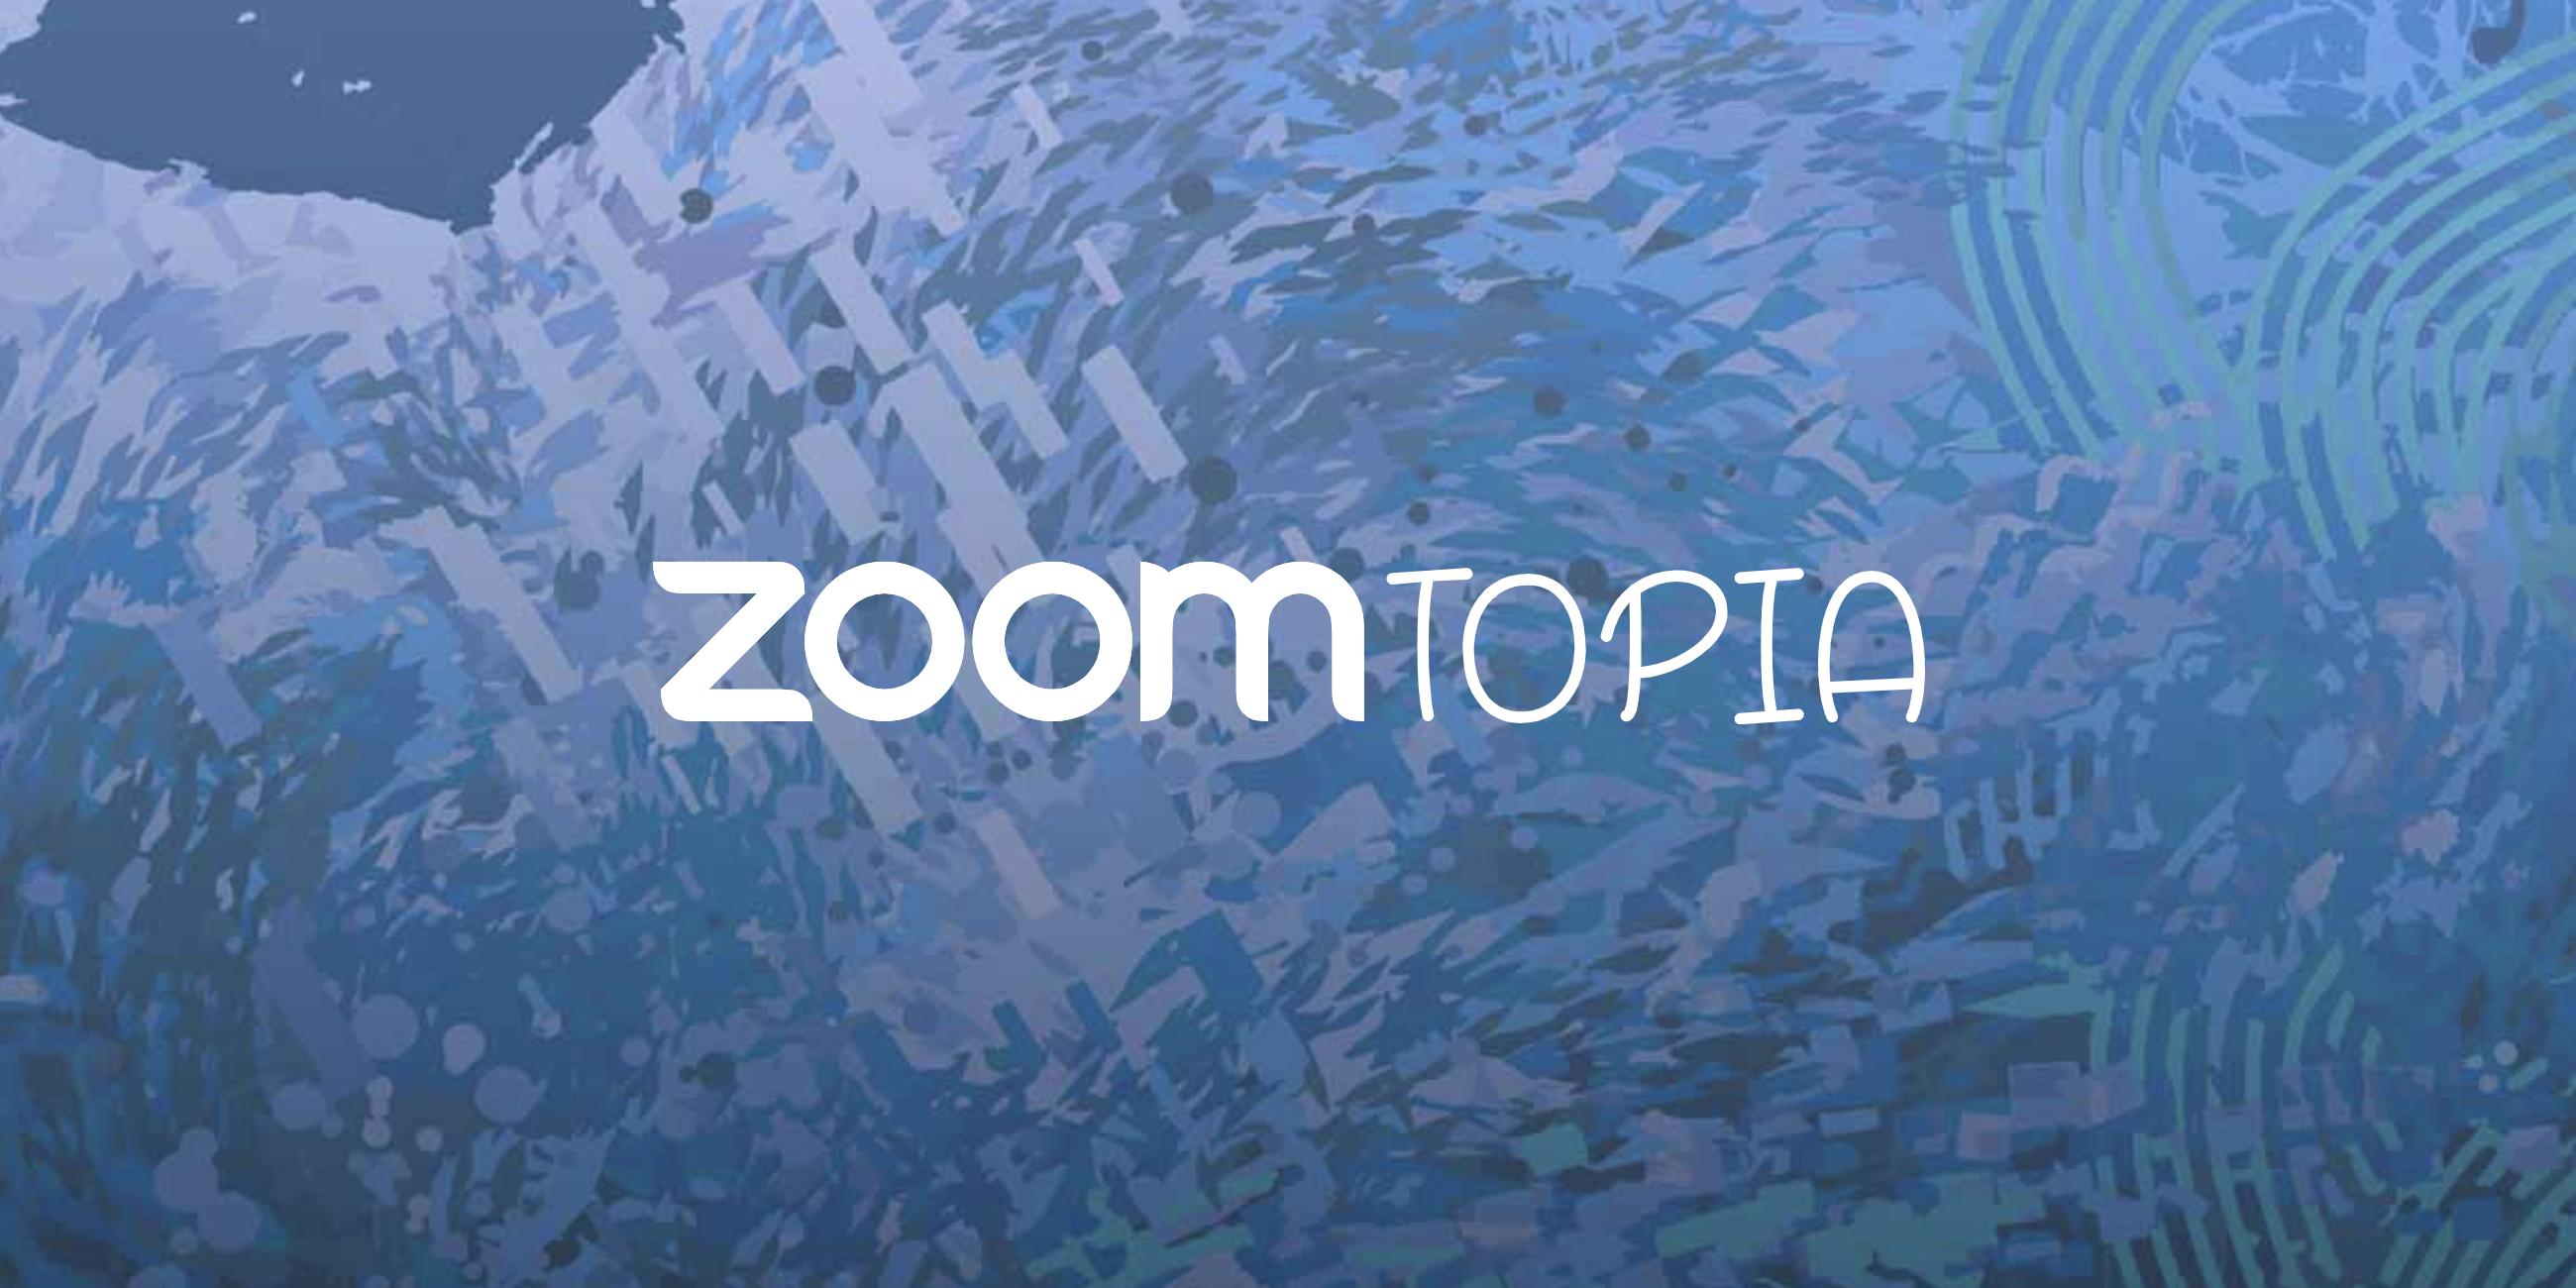 zoomtopia-highloghts-2018-blog